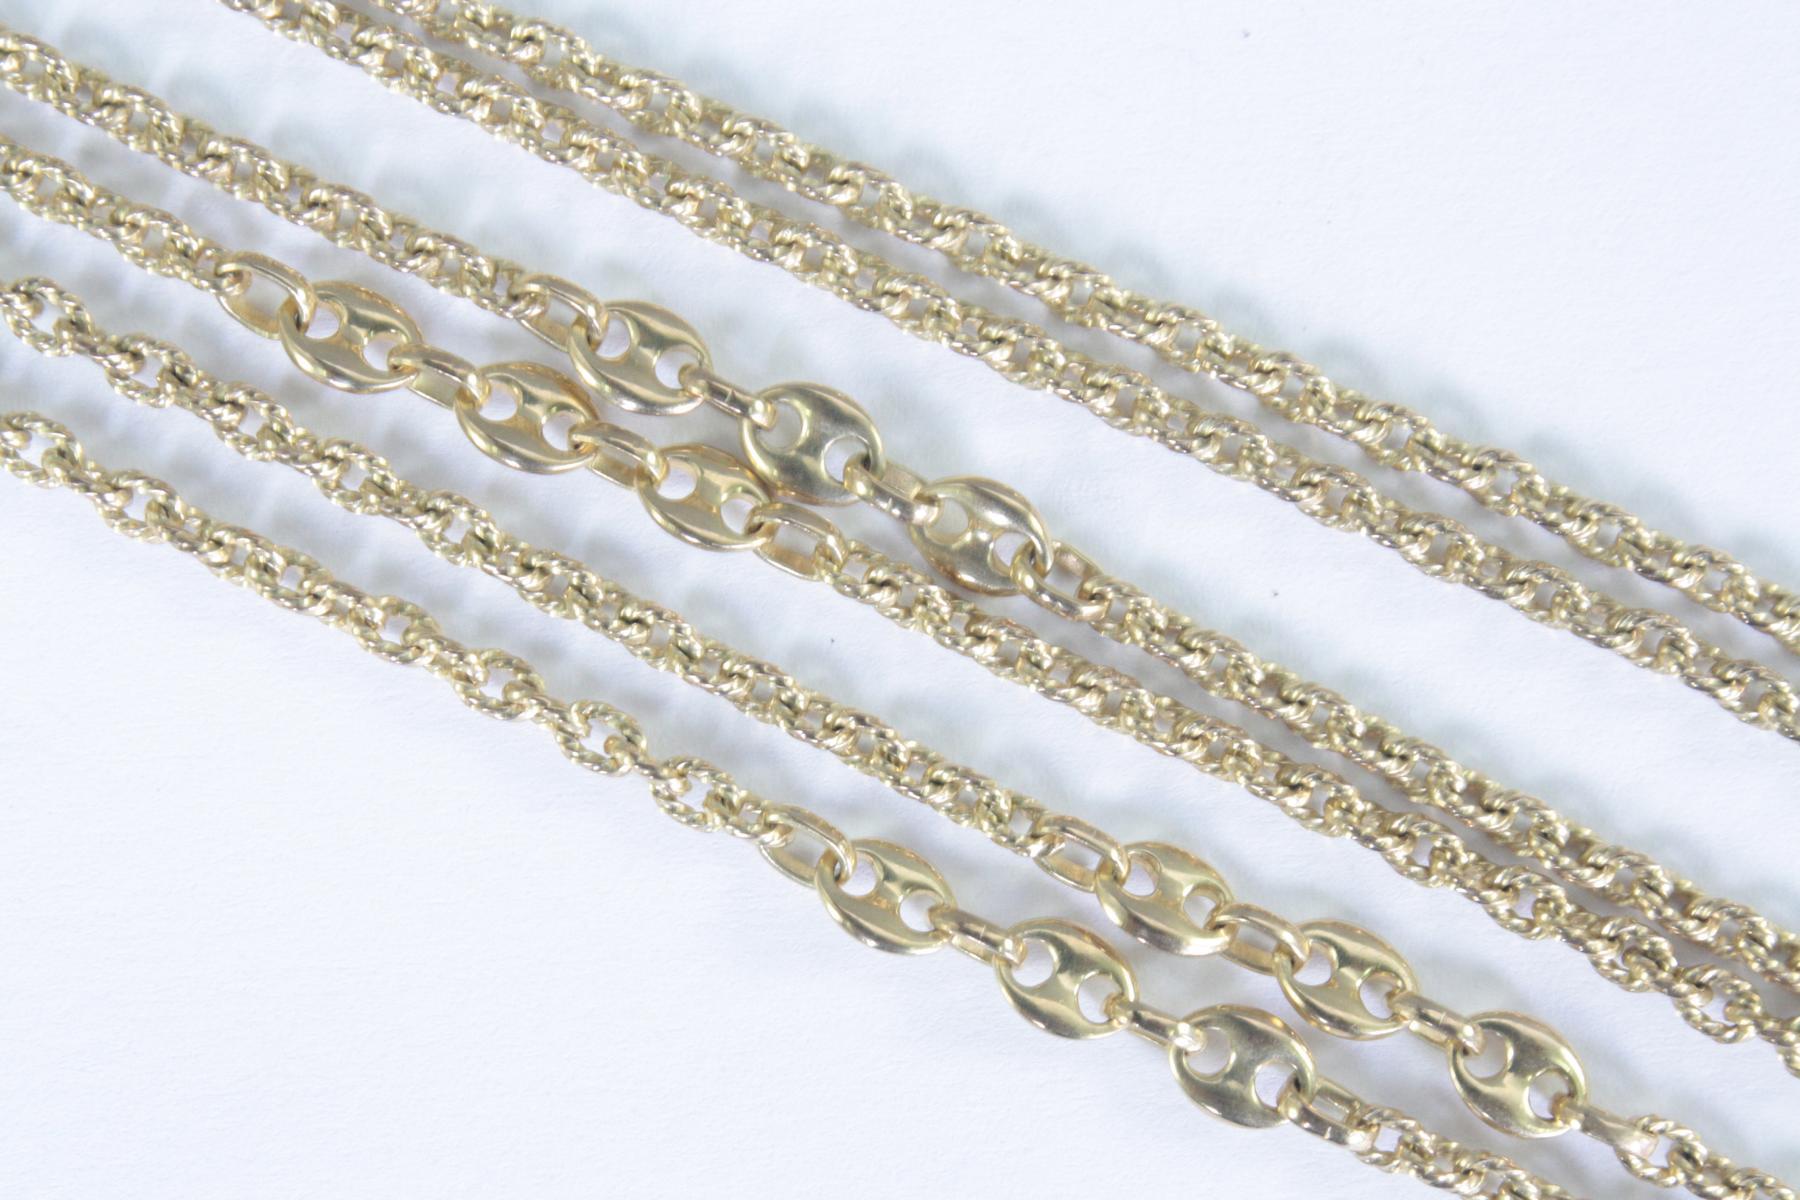 Halskette 8 Karat Gelbgold-2